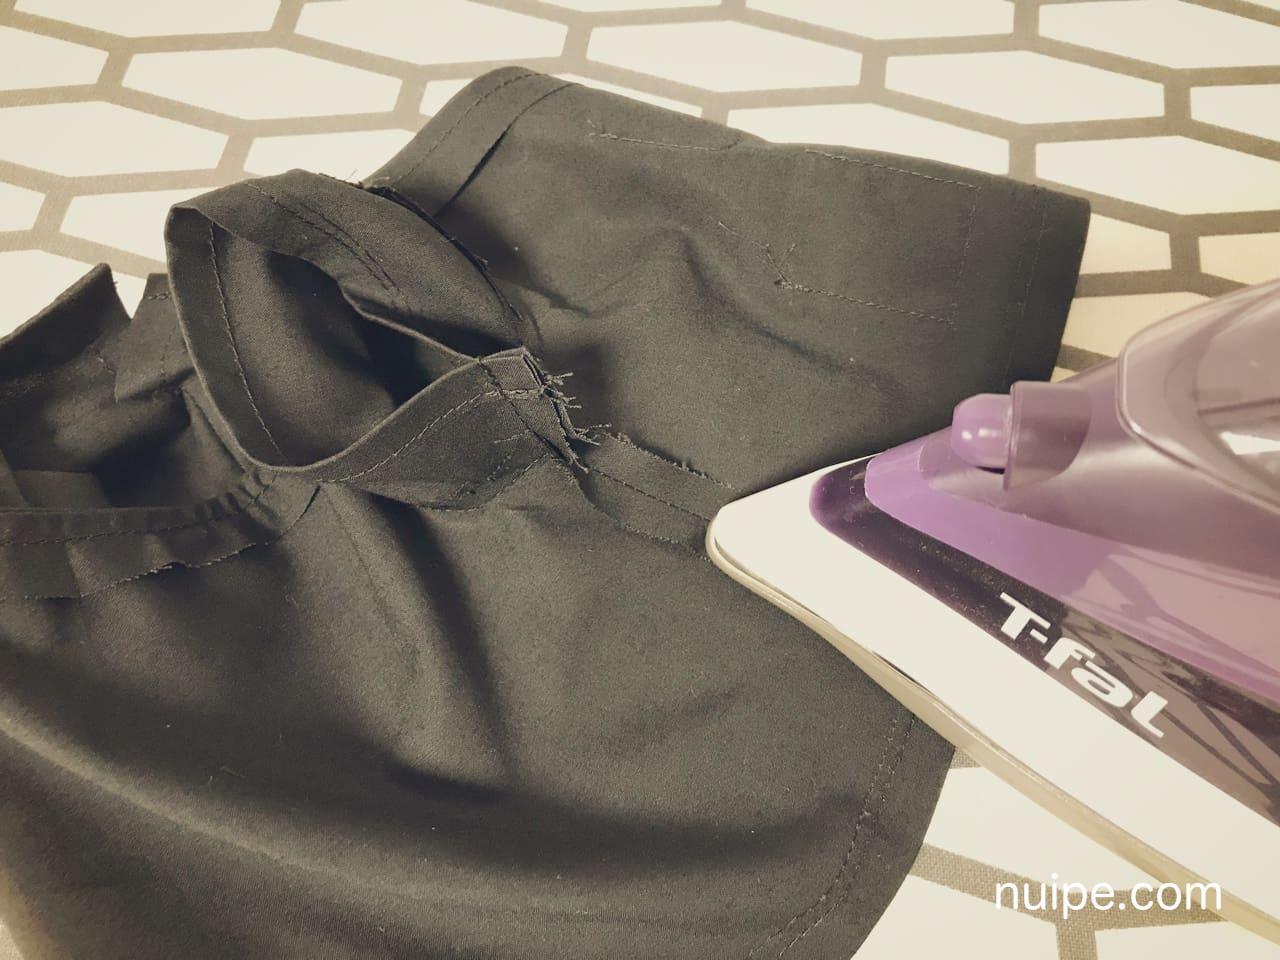 ダッフィー服作り方袖下脇アイロン